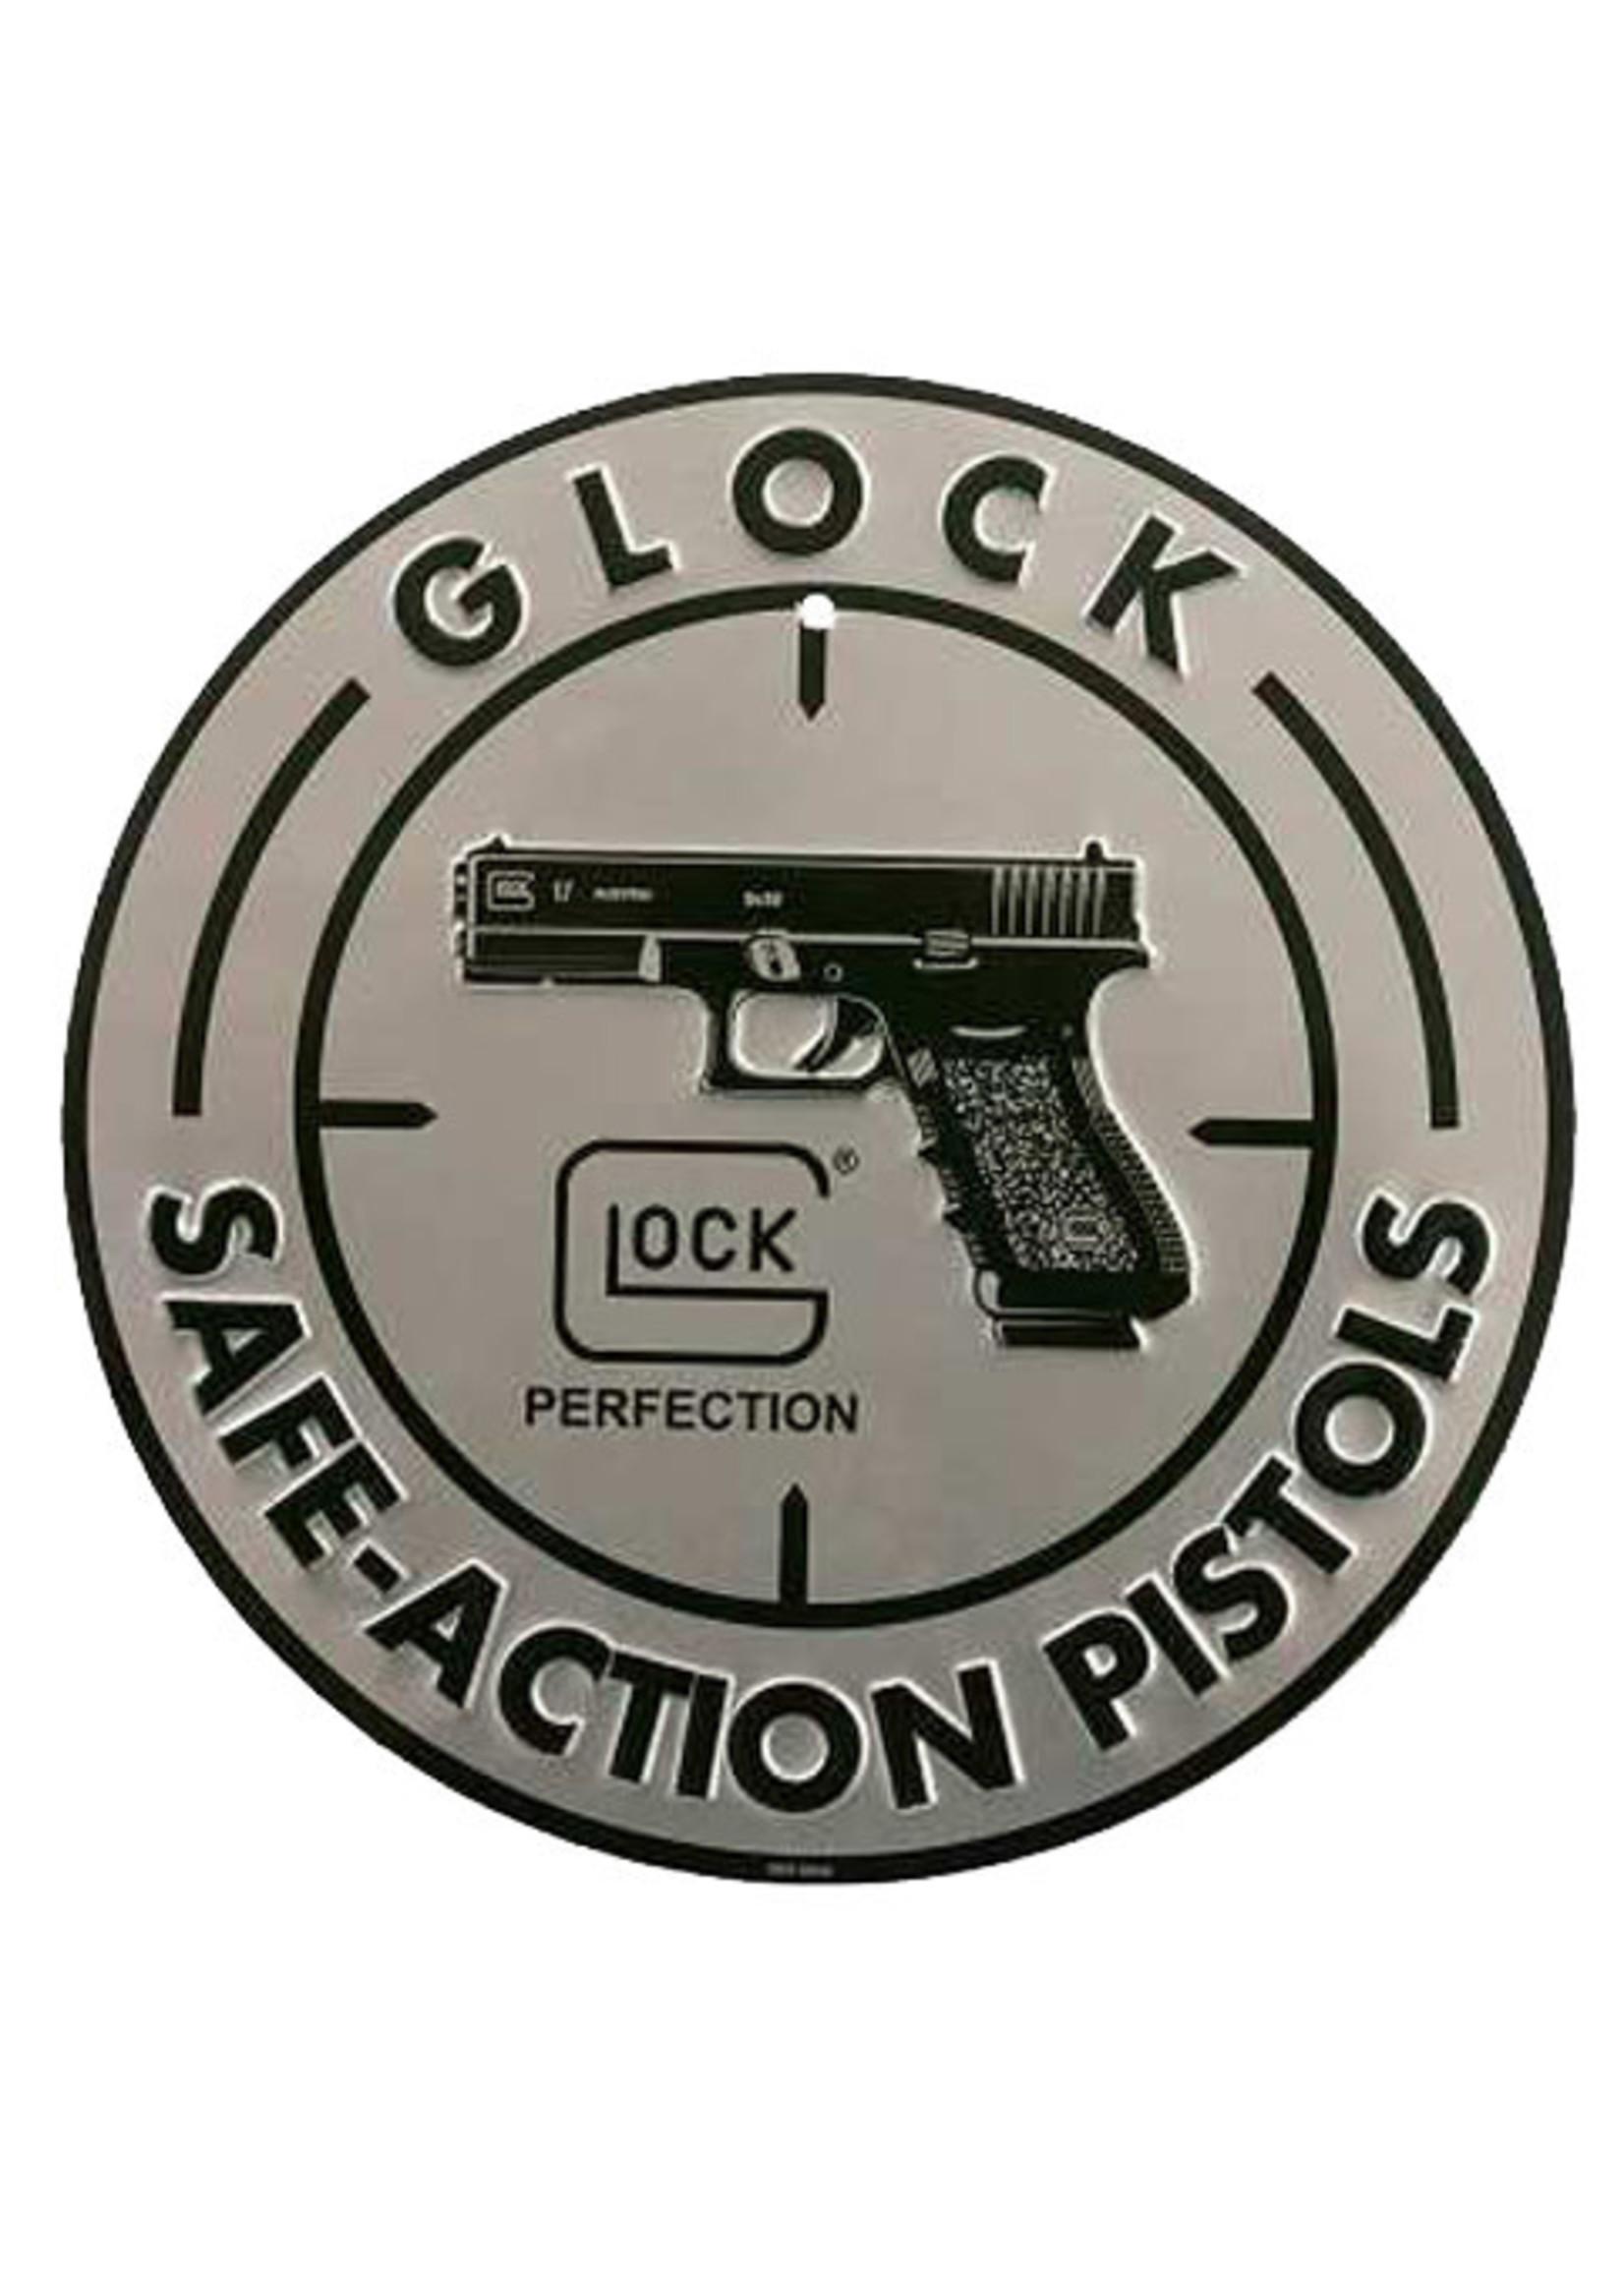 Glock Glock Safe Action Aluminum Glock Sign Silver/Black